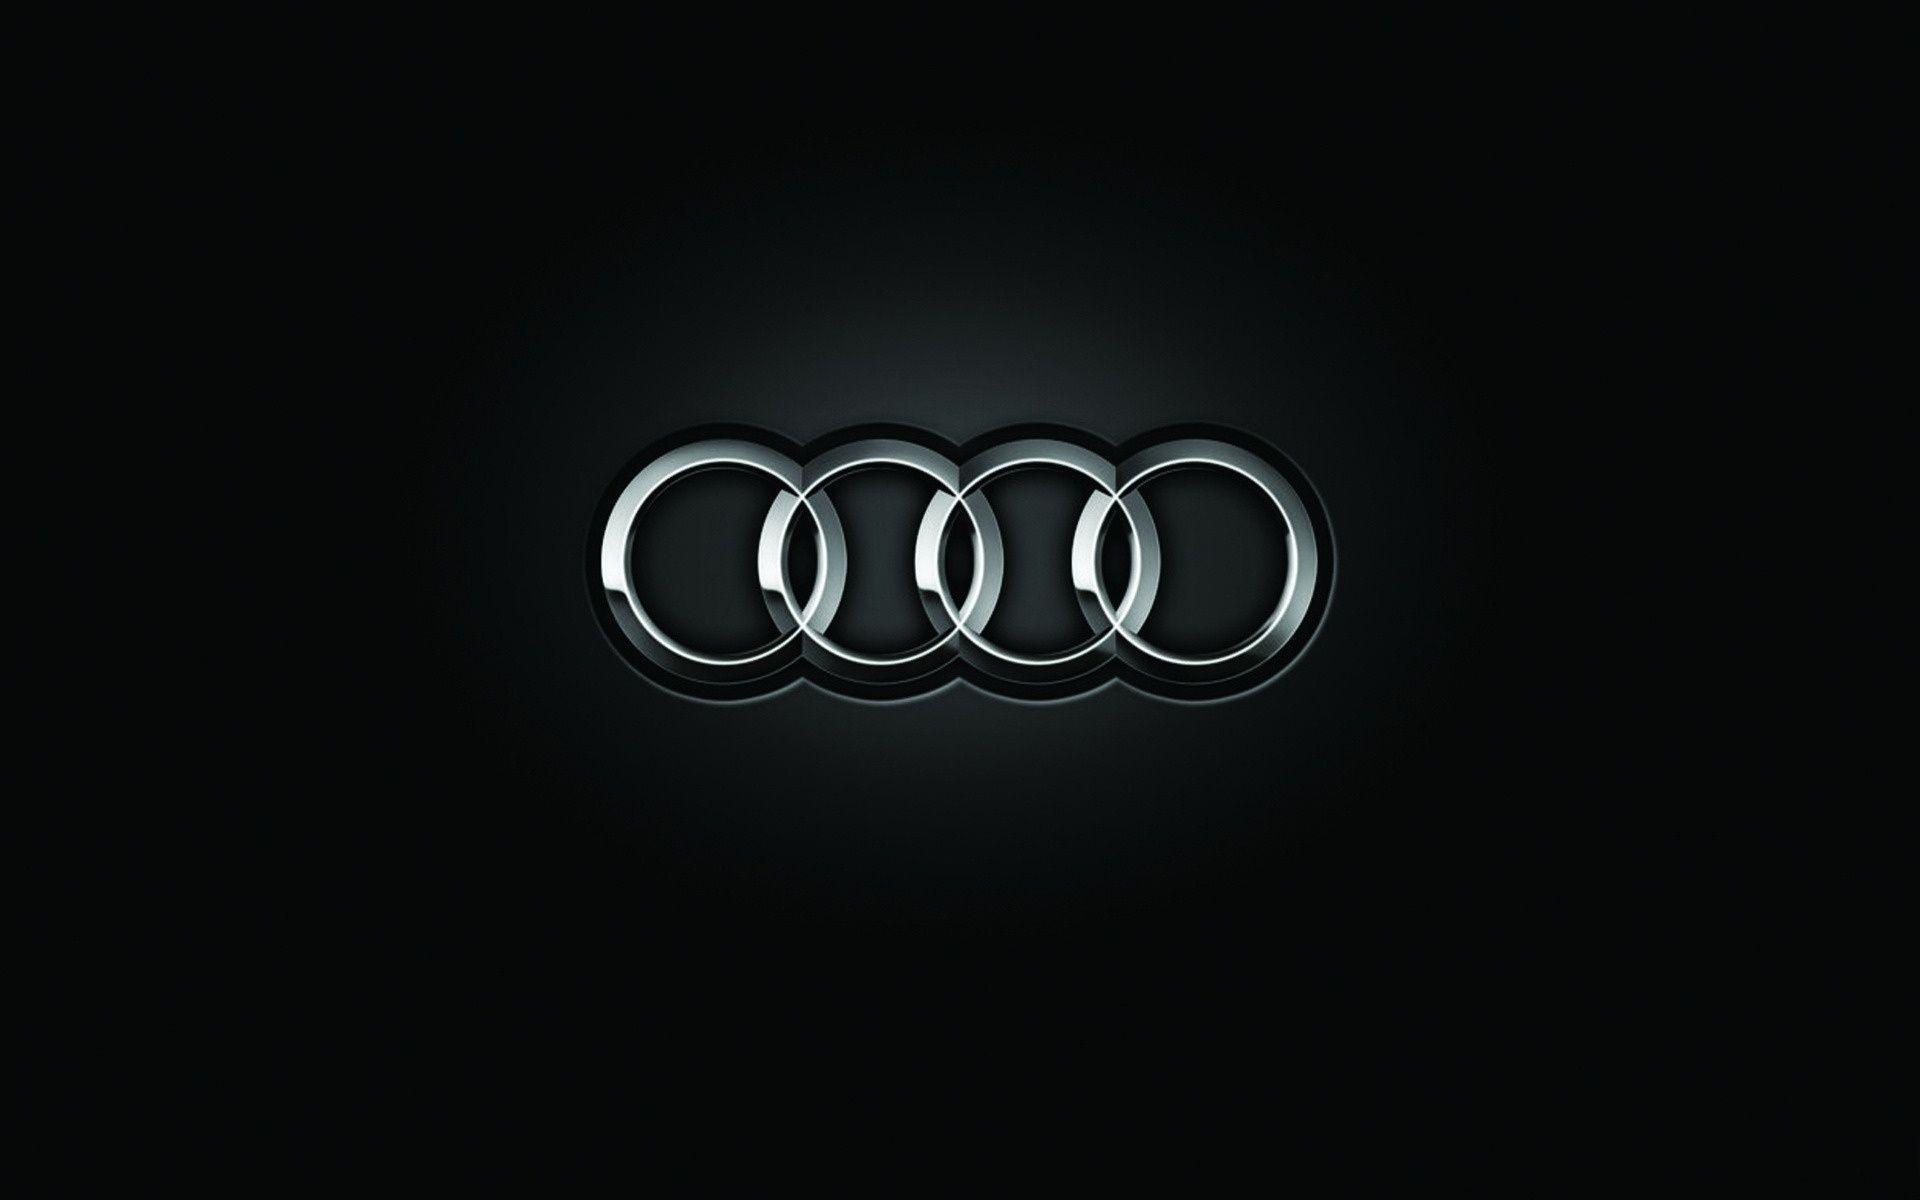 Audi Black Logo Hd Wallpaper